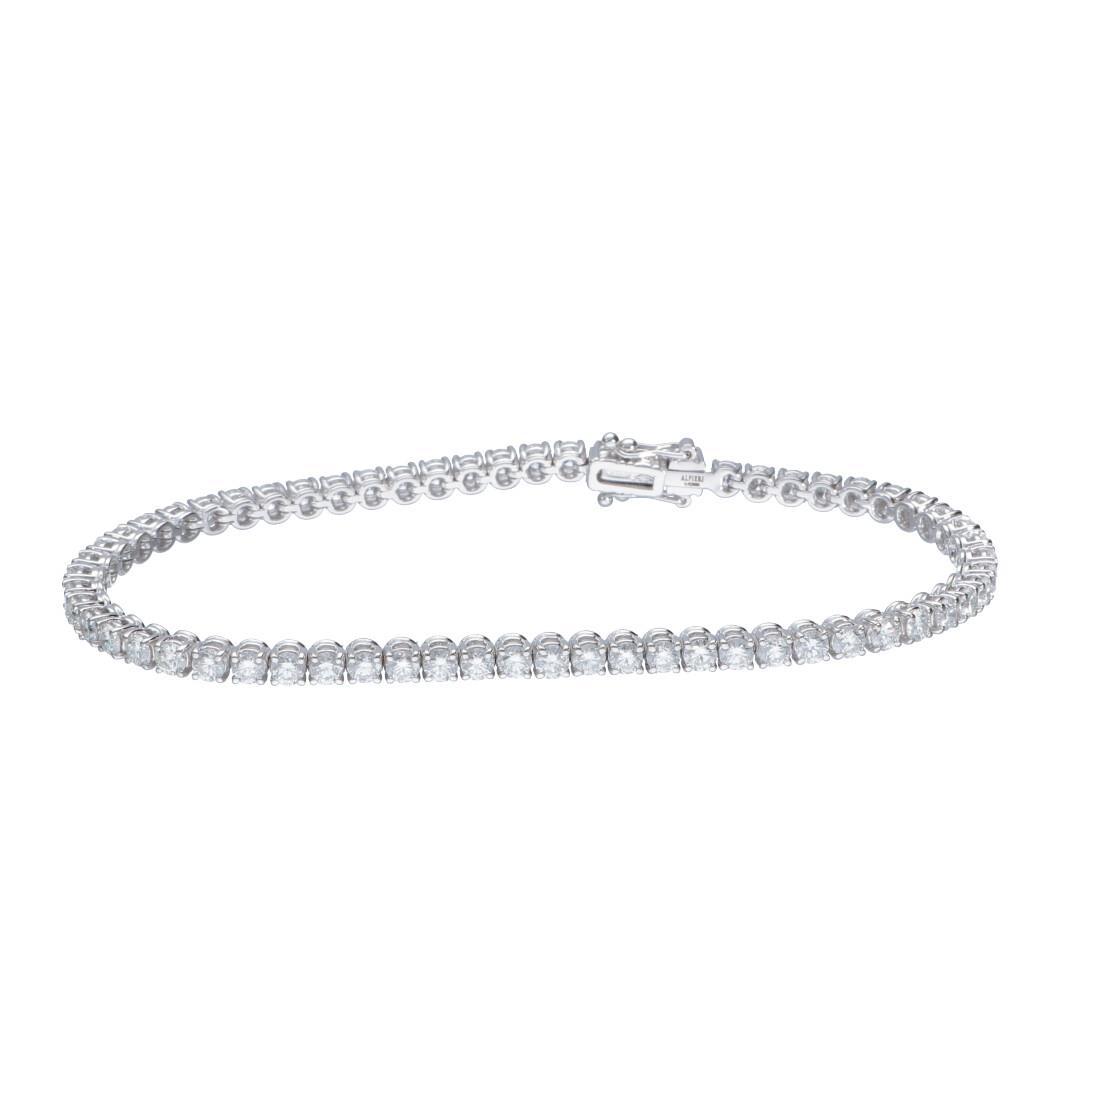 Bracciale tennis in oro bianco con diamanti 5.01 ct - ALFIERI & ST. JOHN